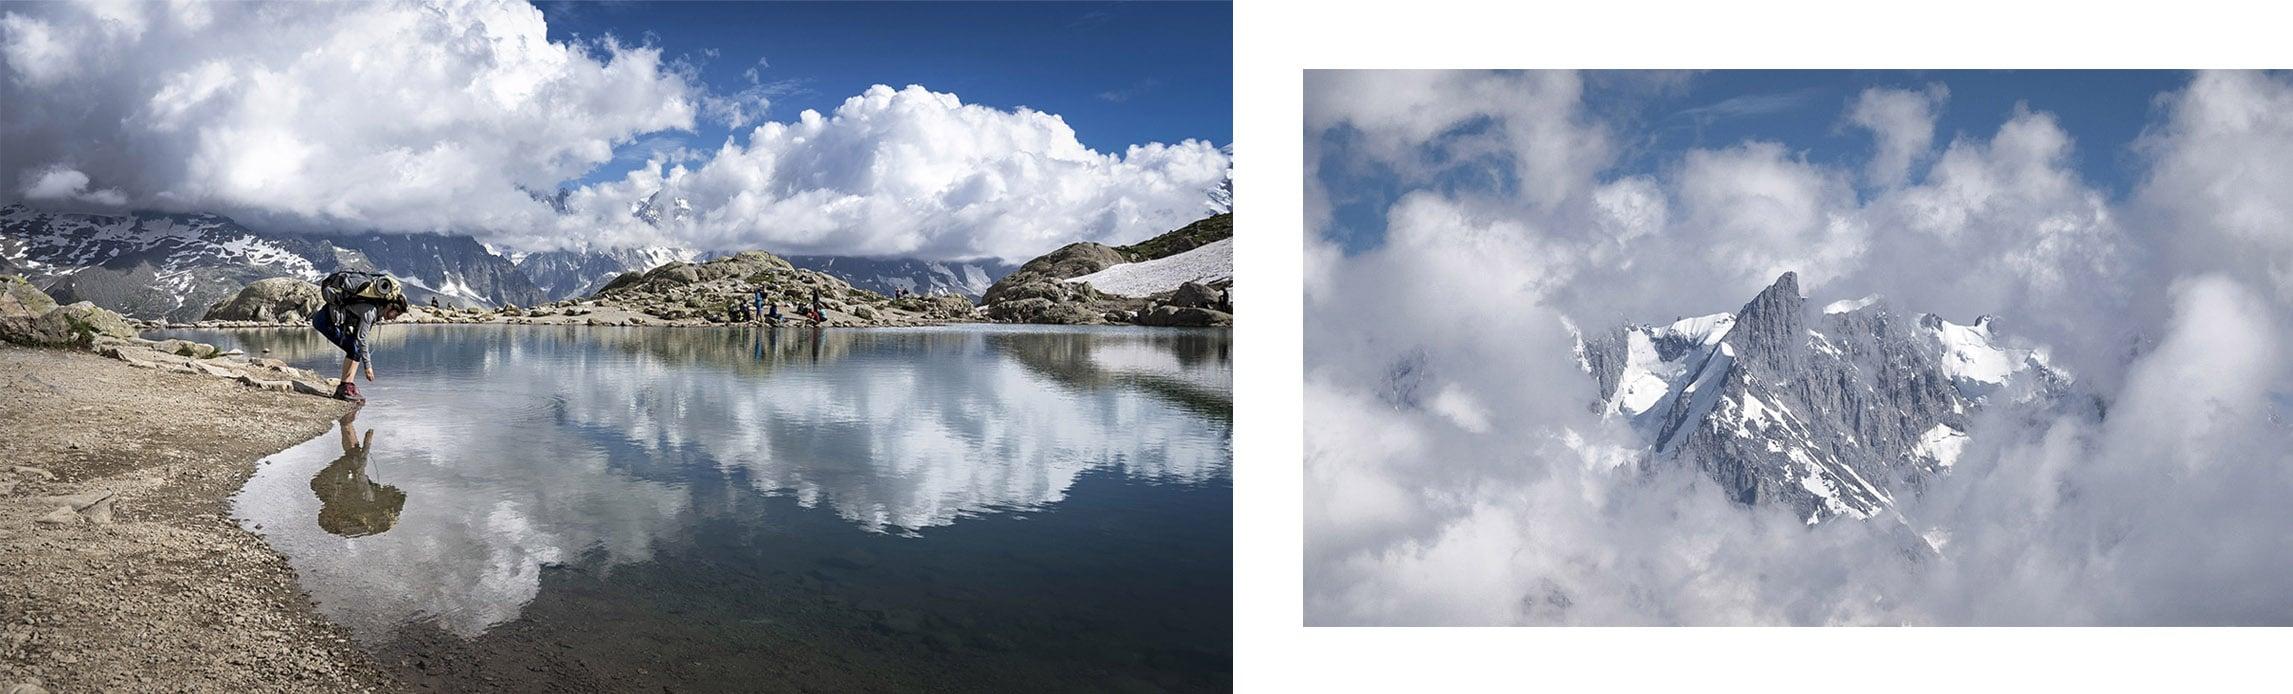 lac Blanc reflets montagnes nuages neige